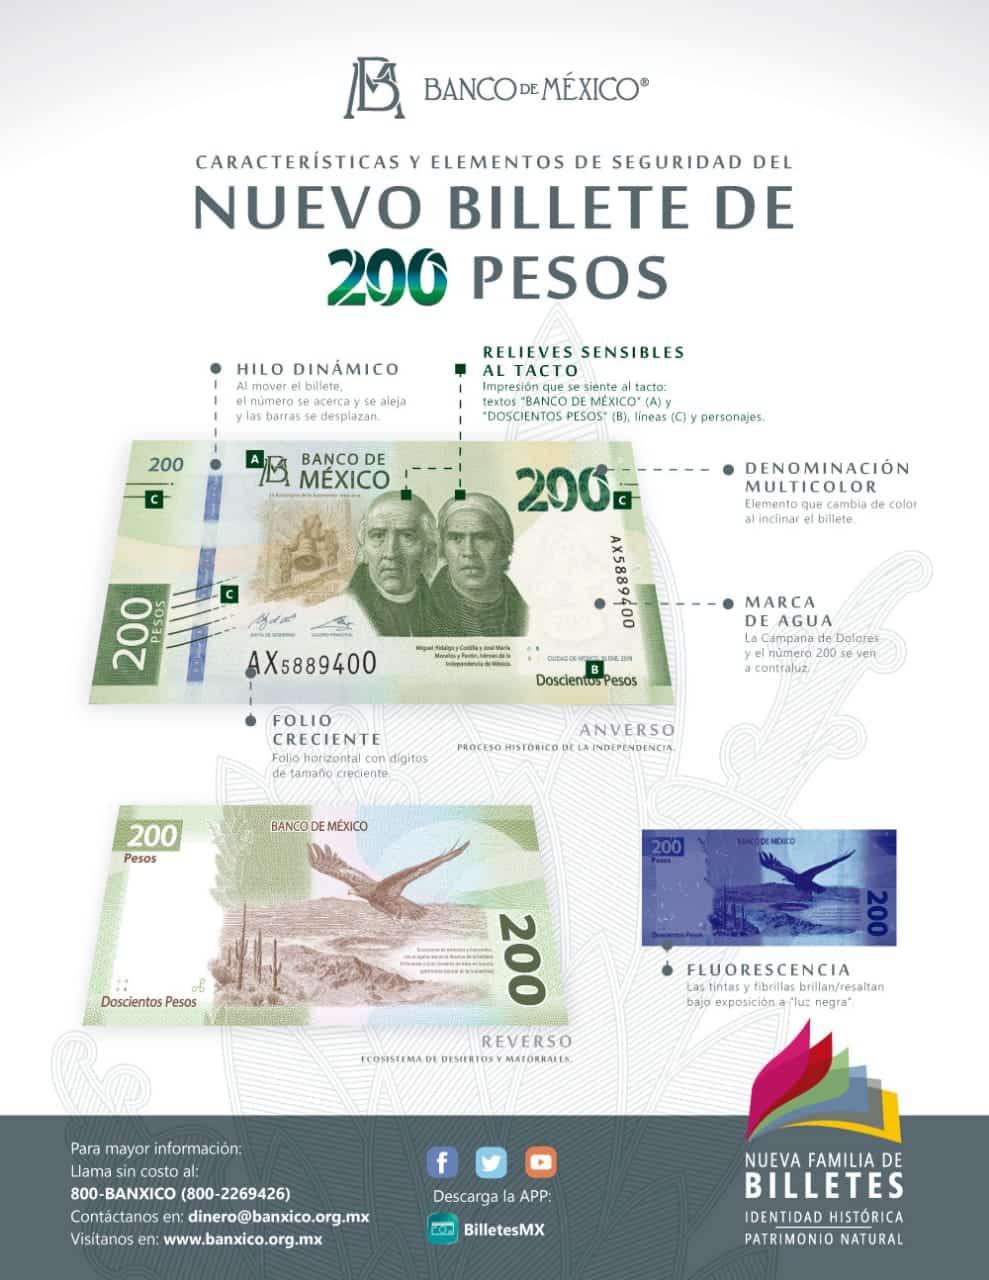 Elementos de seguridad del nuevo billete de 200 pesos